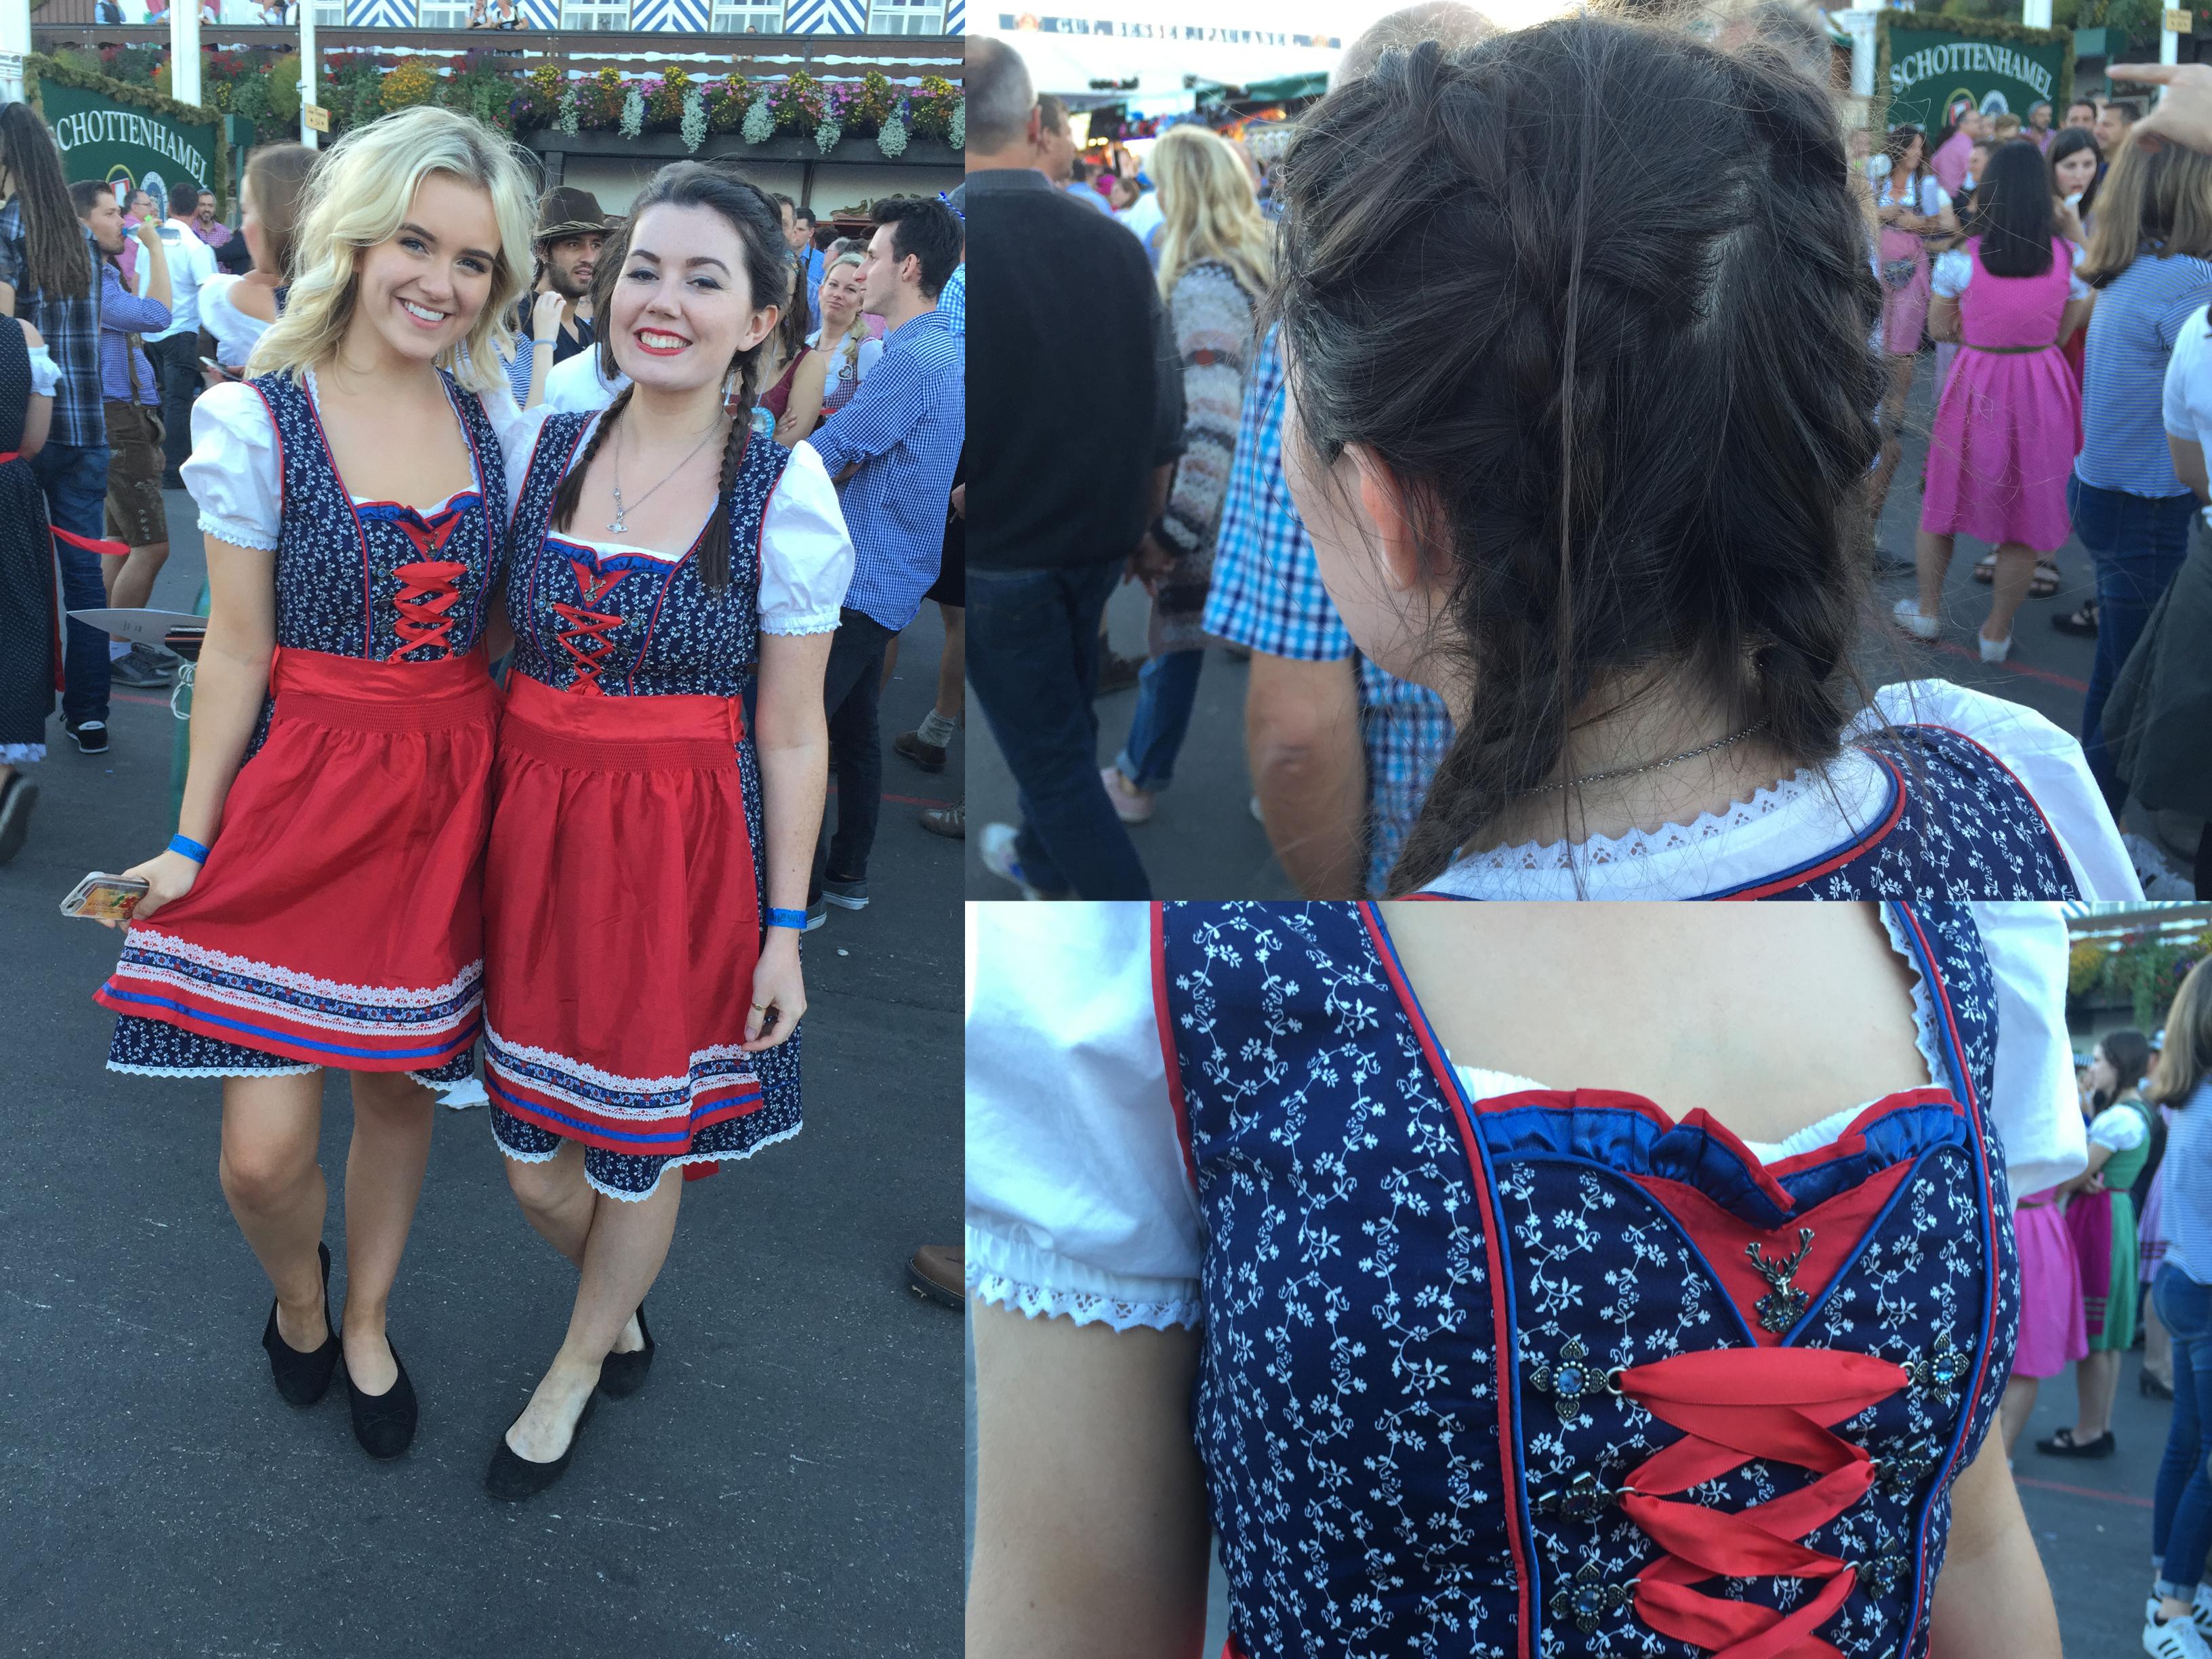 811549a2a4eabd Wiesn Styles 2016 – Oktoberfest Streetstyle – Nimm-s